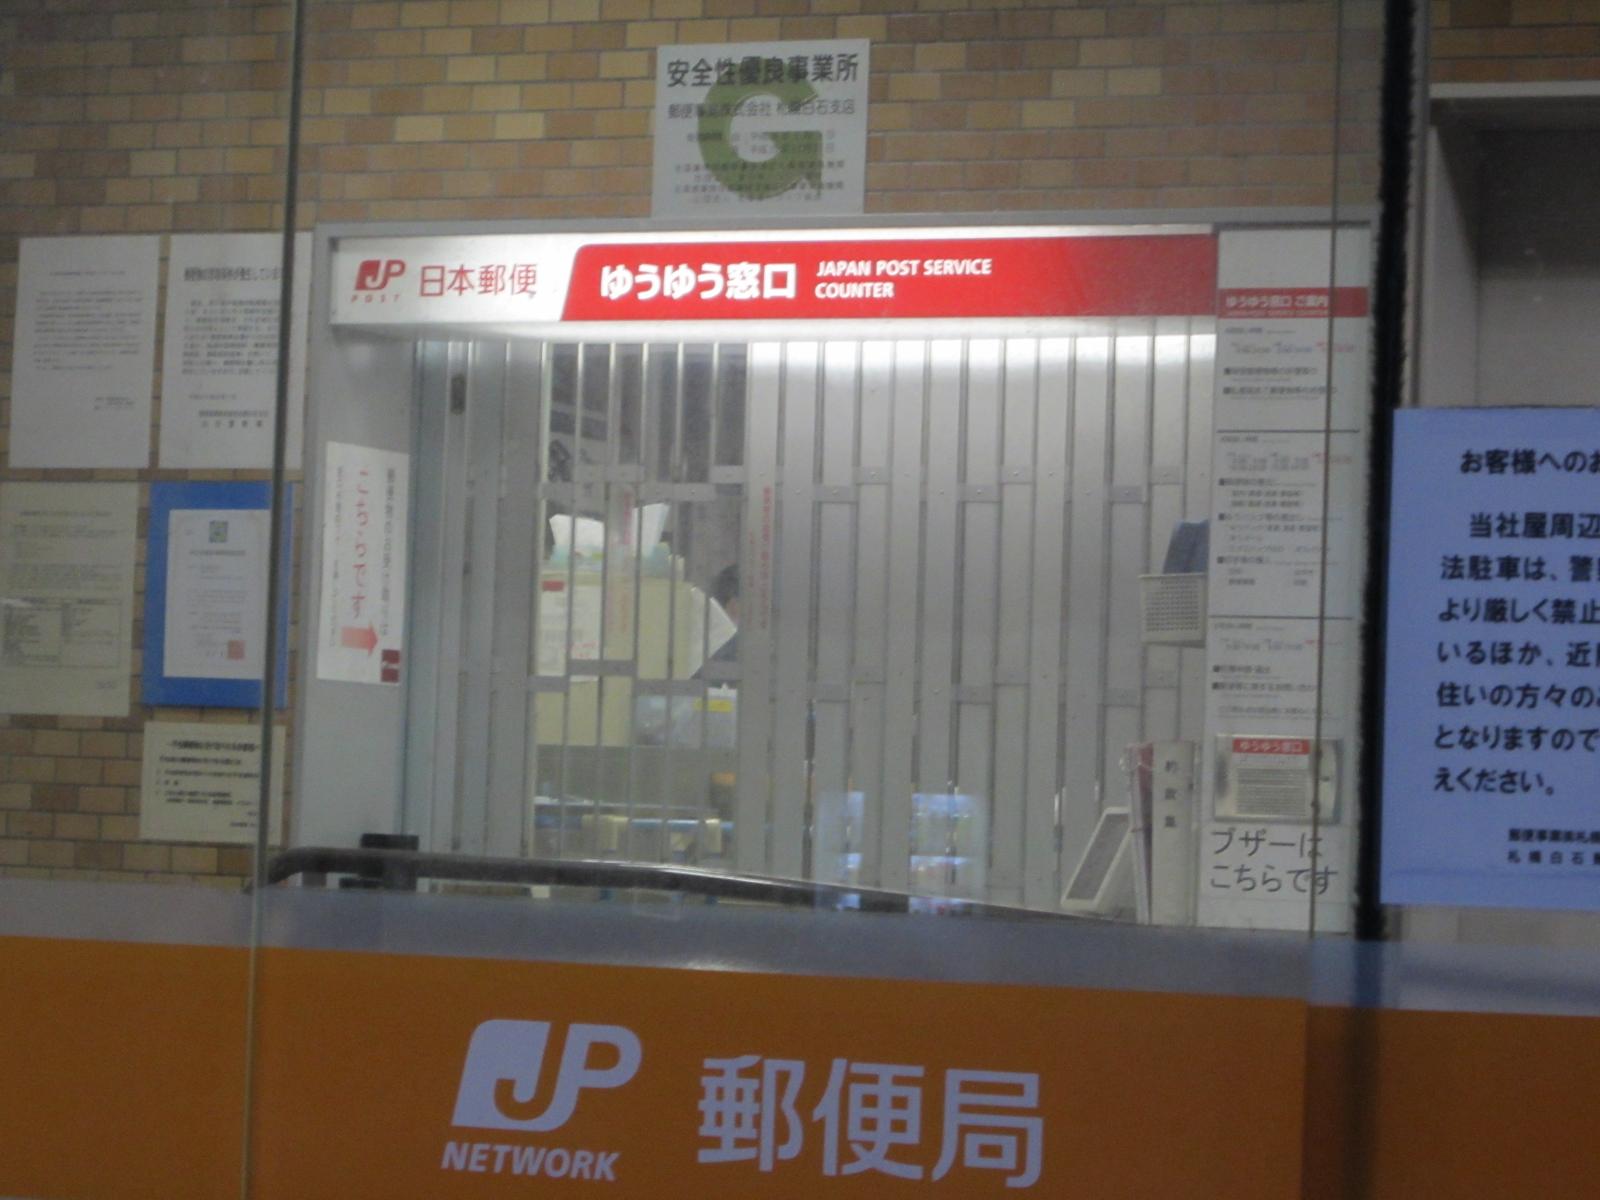 局 藤沢 窓口 郵便